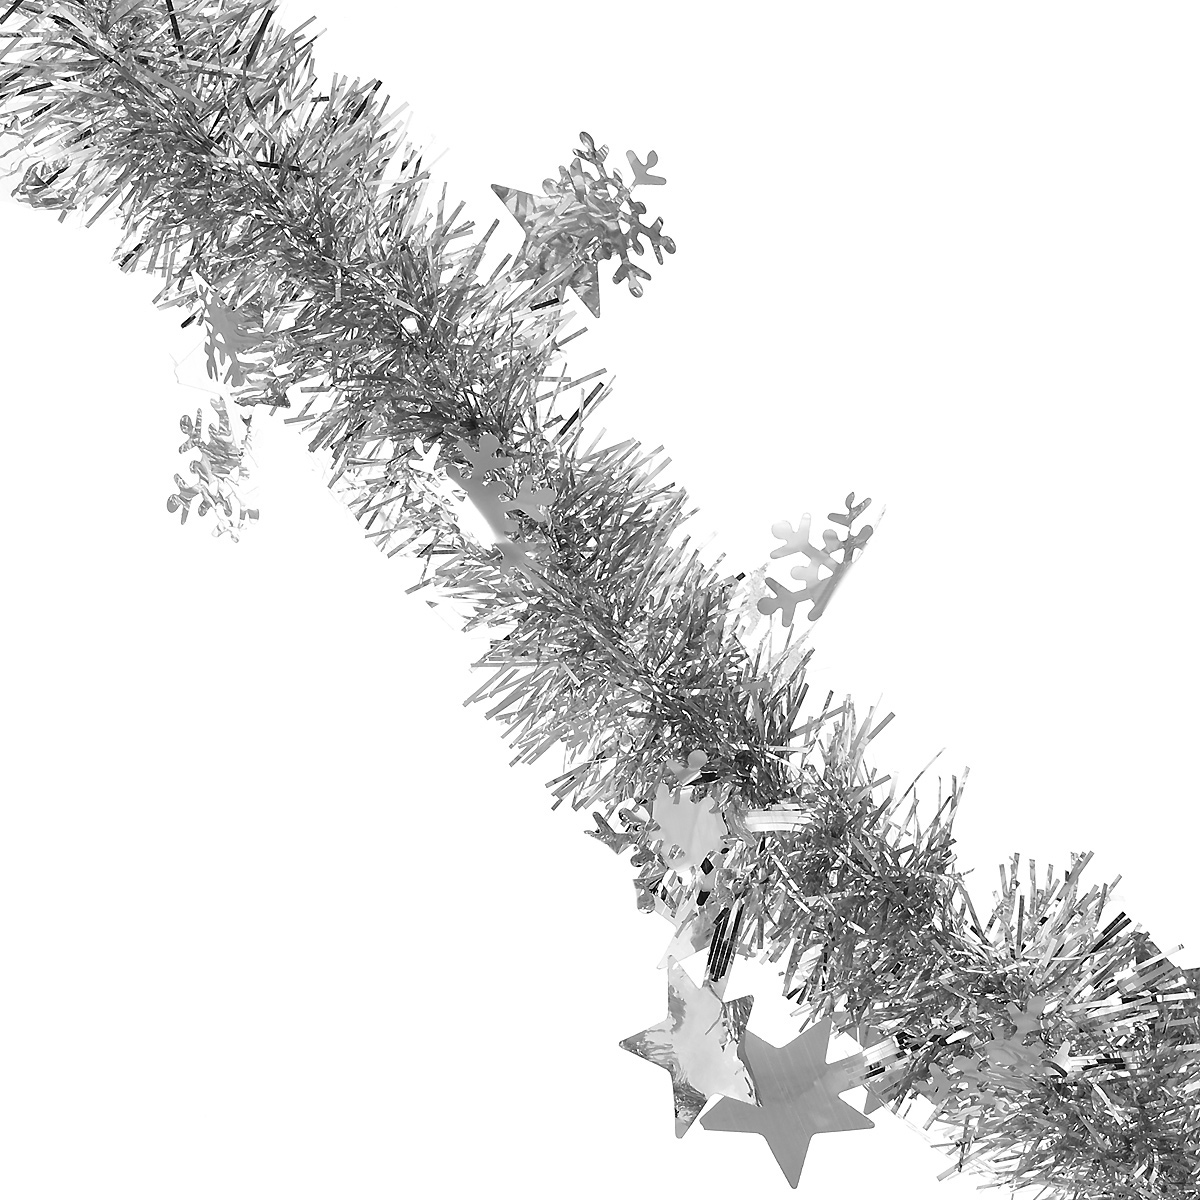 Мишура новогодняя Magic Time, со звездами и снежинками, диаметр 6 см, длина 200 см, цвет: серебристый. 3487134871Новогодняя мишура Magic Time, выполненная из ПЭТ (Полиэтилентерефталат), поможет вам украсить свой дом к предстоящим праздникам. Изделие выполнено в виде скрученной косички. Новогодняя елка с таким украшением станет еще наряднее. Мишура армирована, то есть имеет проволоку внутри и способна сохранять форму. Новогодней мишурой можно украсить все, что угодно - елку, квартиру, дачу, офис - как внутри, так и снаружи. Можно сложить новогодние поздравления, буквы и цифры, мишурой можно украсить и дополнить гирлянды, можно выделить дверные колонны, оплести дверные проемы. Коллекция декоративных украшений из серии Magic Time принесет в ваш дом ни с чем несравнимое ощущение волшебства! Создайте в своем доме атмосферу тепла, веселья и радости, украшая его всей семьей.